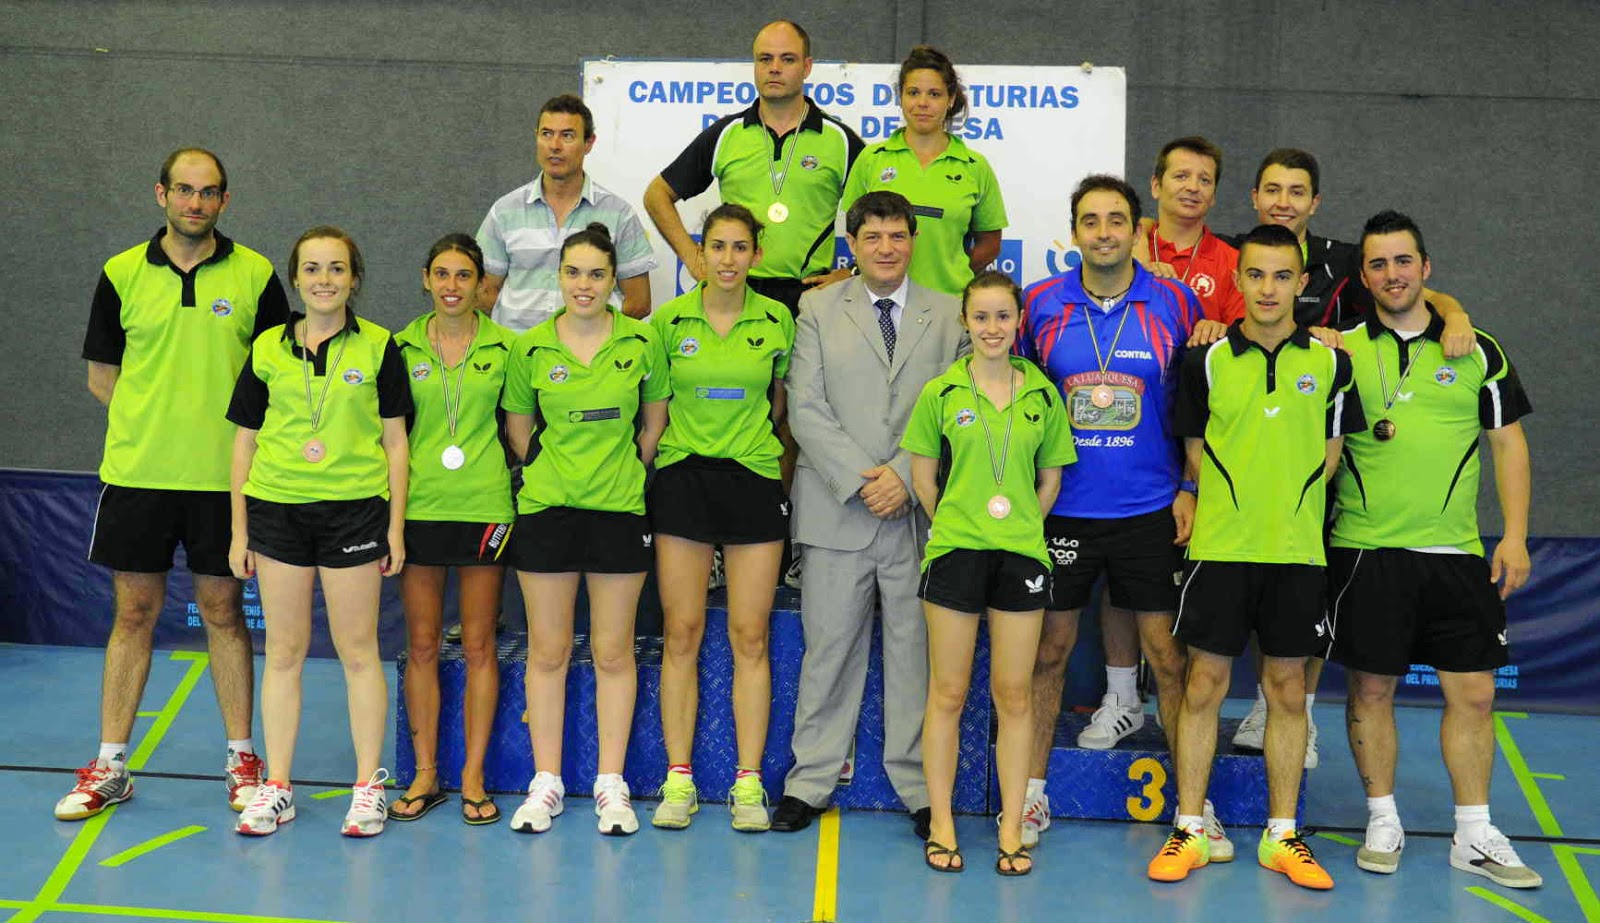 Avil s tenis de mesa resultados del campeonato de asturias absoluto - Aviles tenis de mesa ...